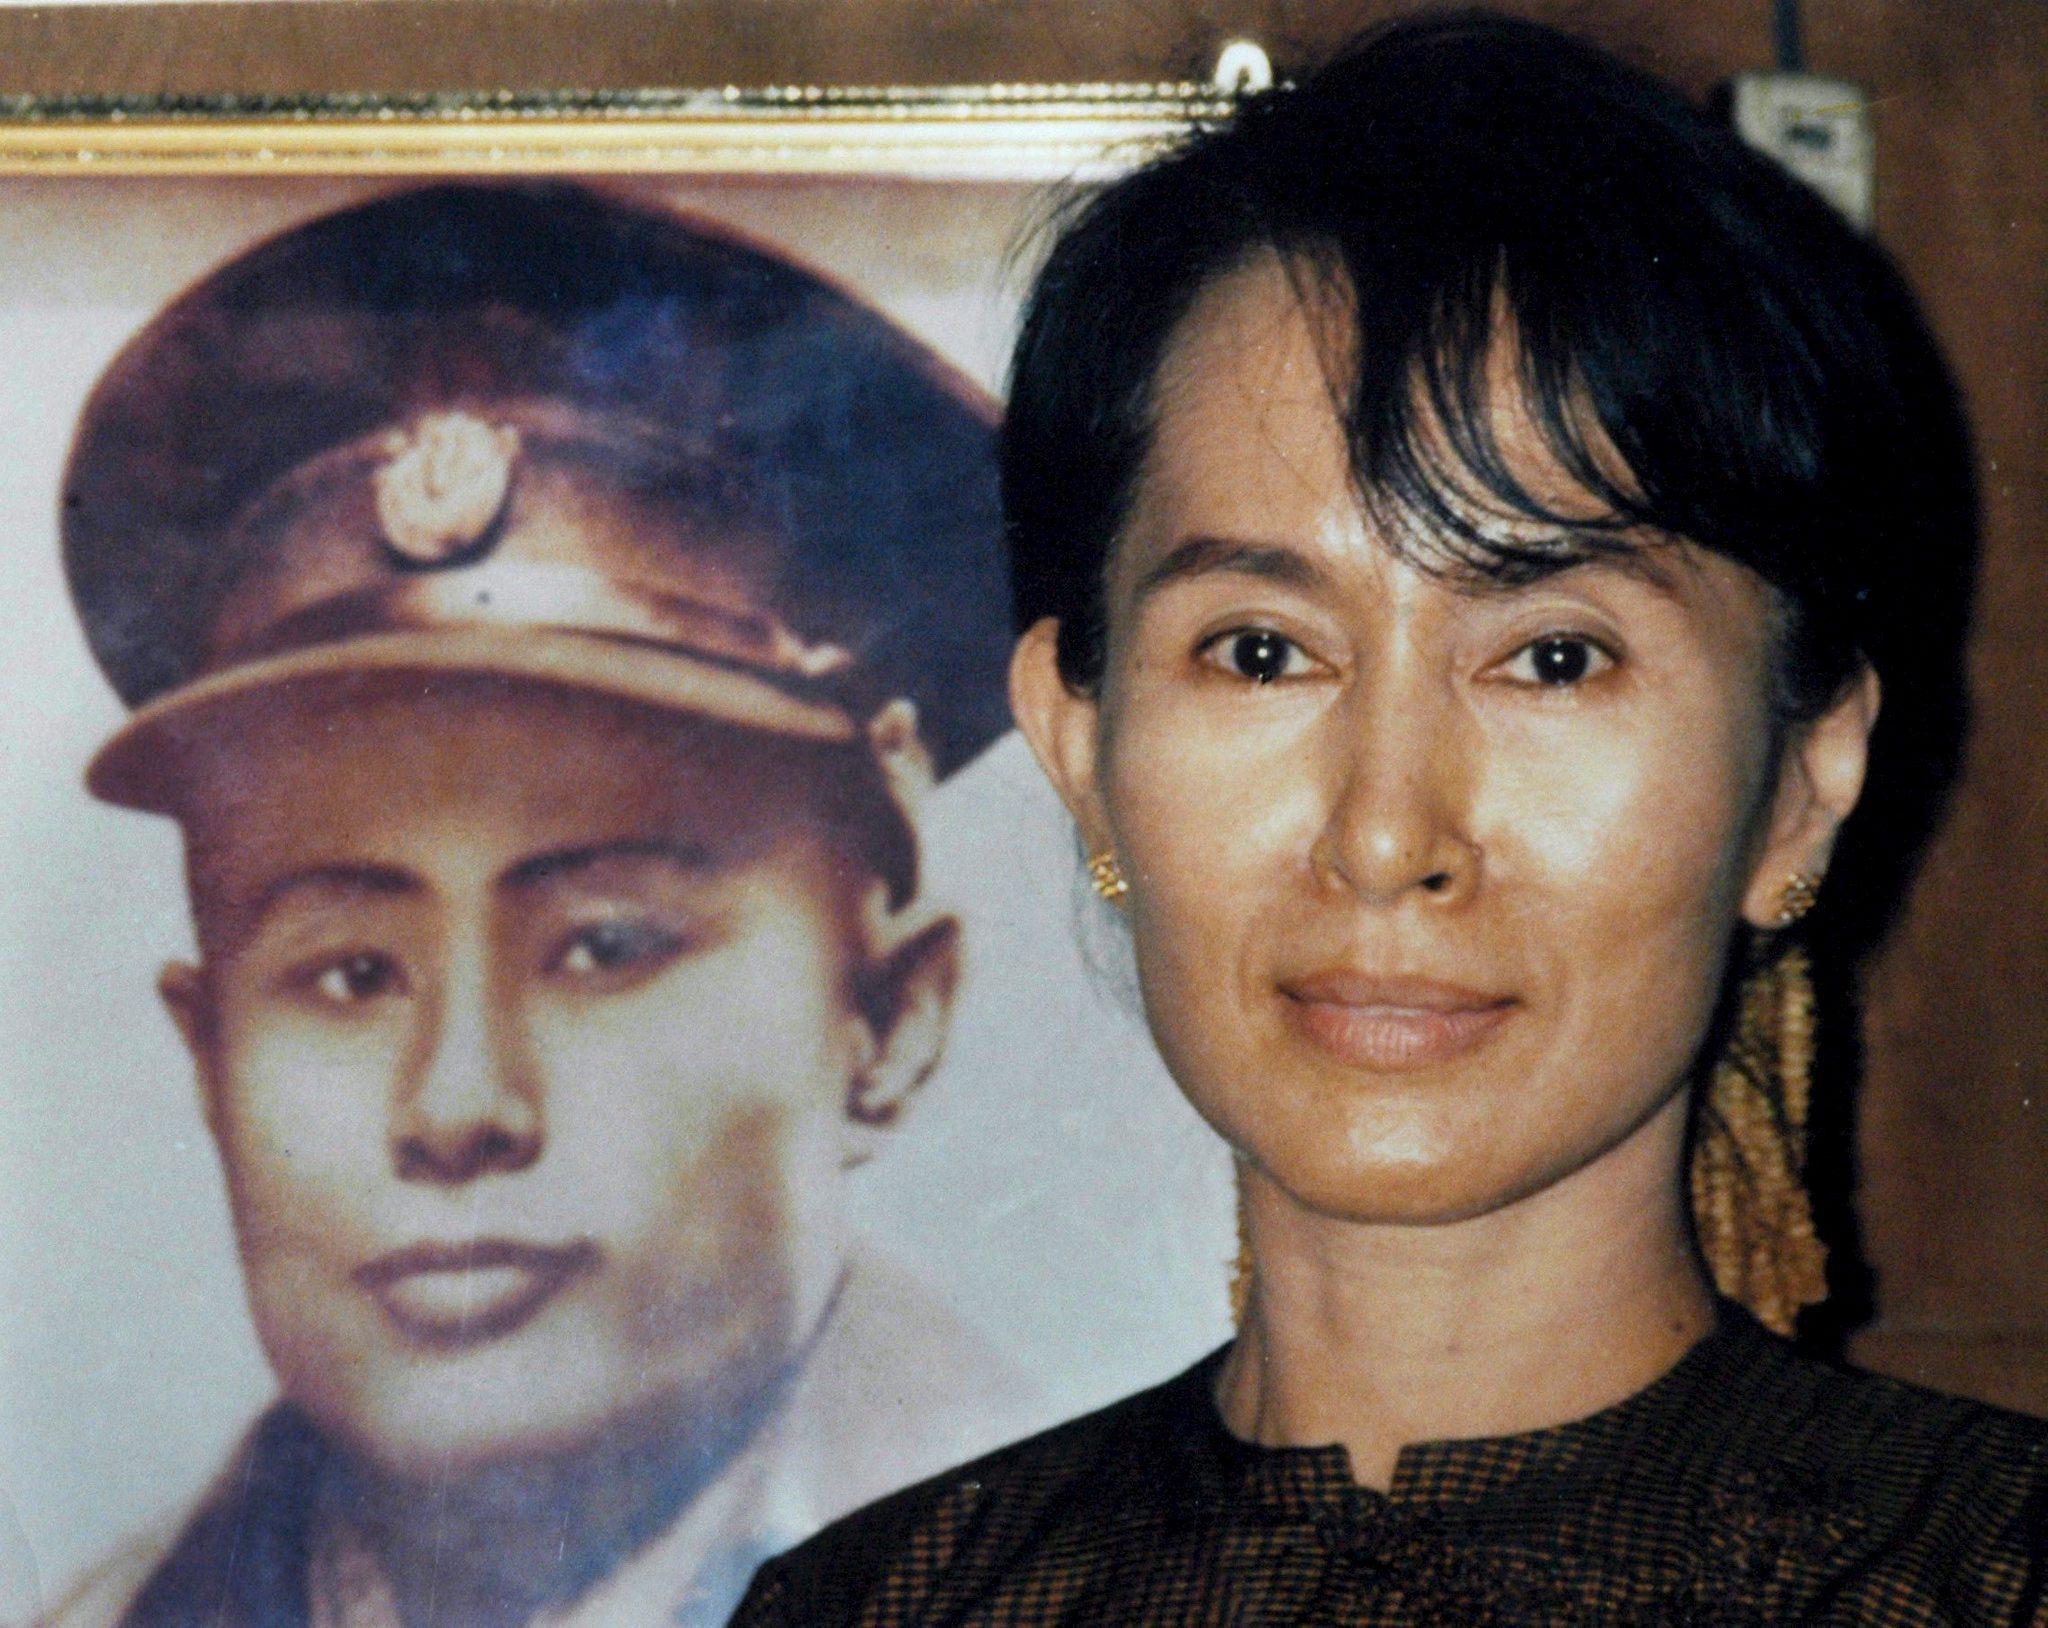 Аун Сан Су Чжи с портретом отца Аун Сана